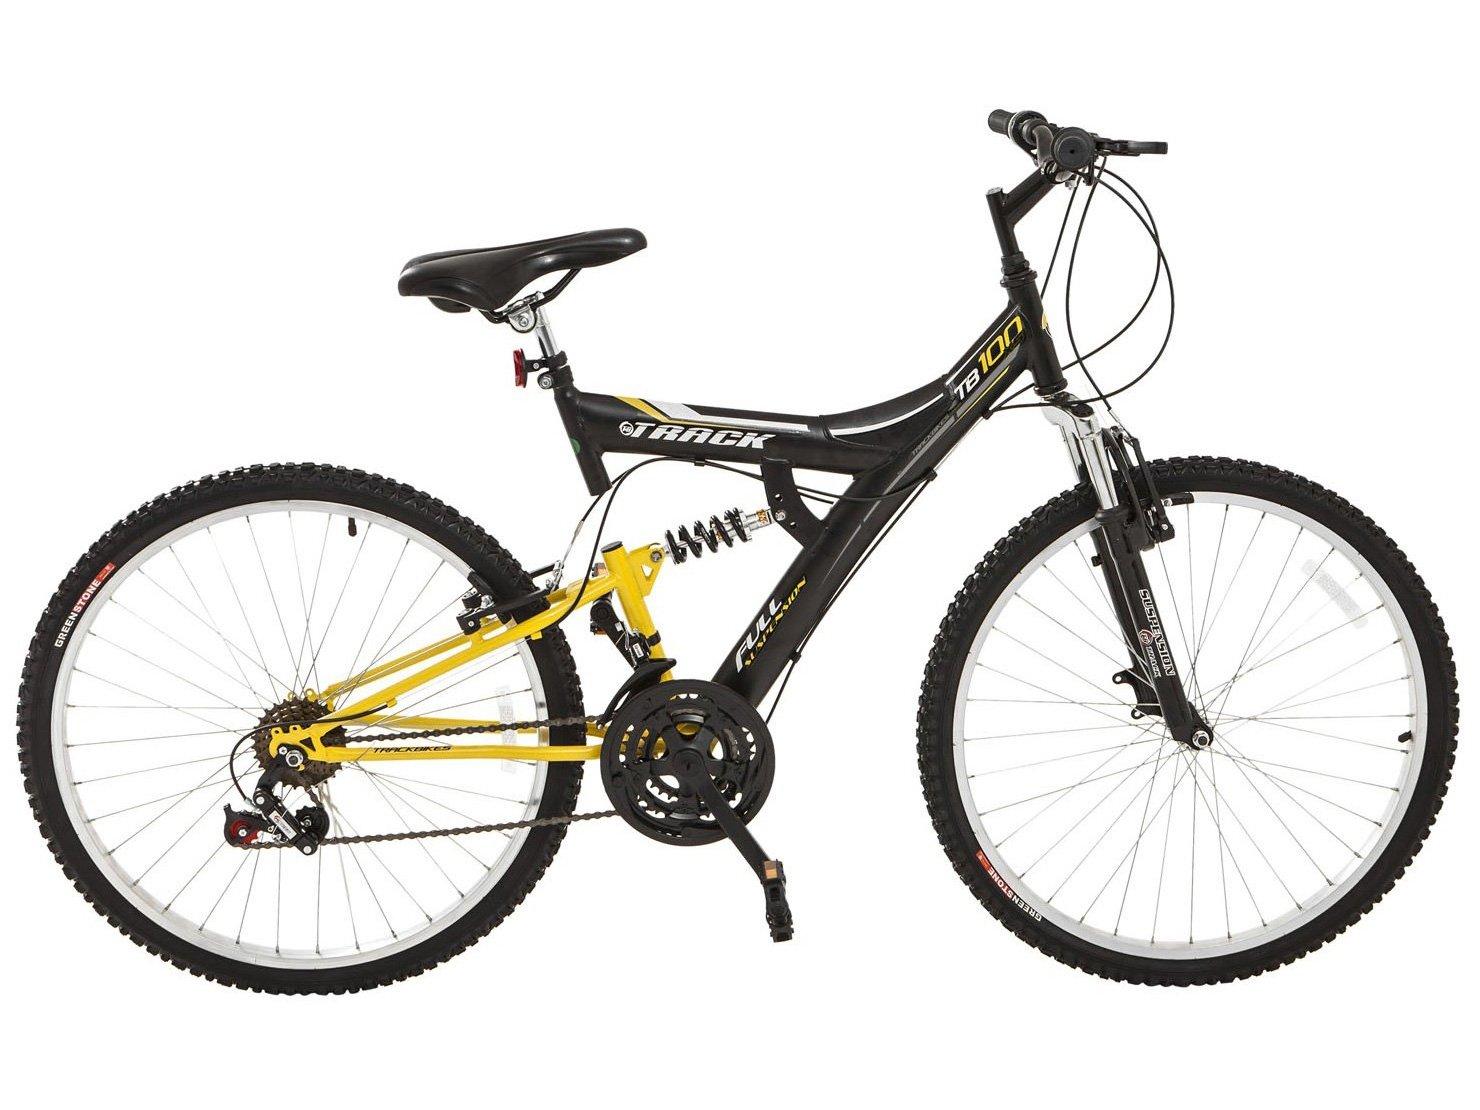 797a9abaa Bicicleta Track Bikes TB-100XS PA Aro 26 - 18 Marchas Suspensão Central  Quadro de Aço